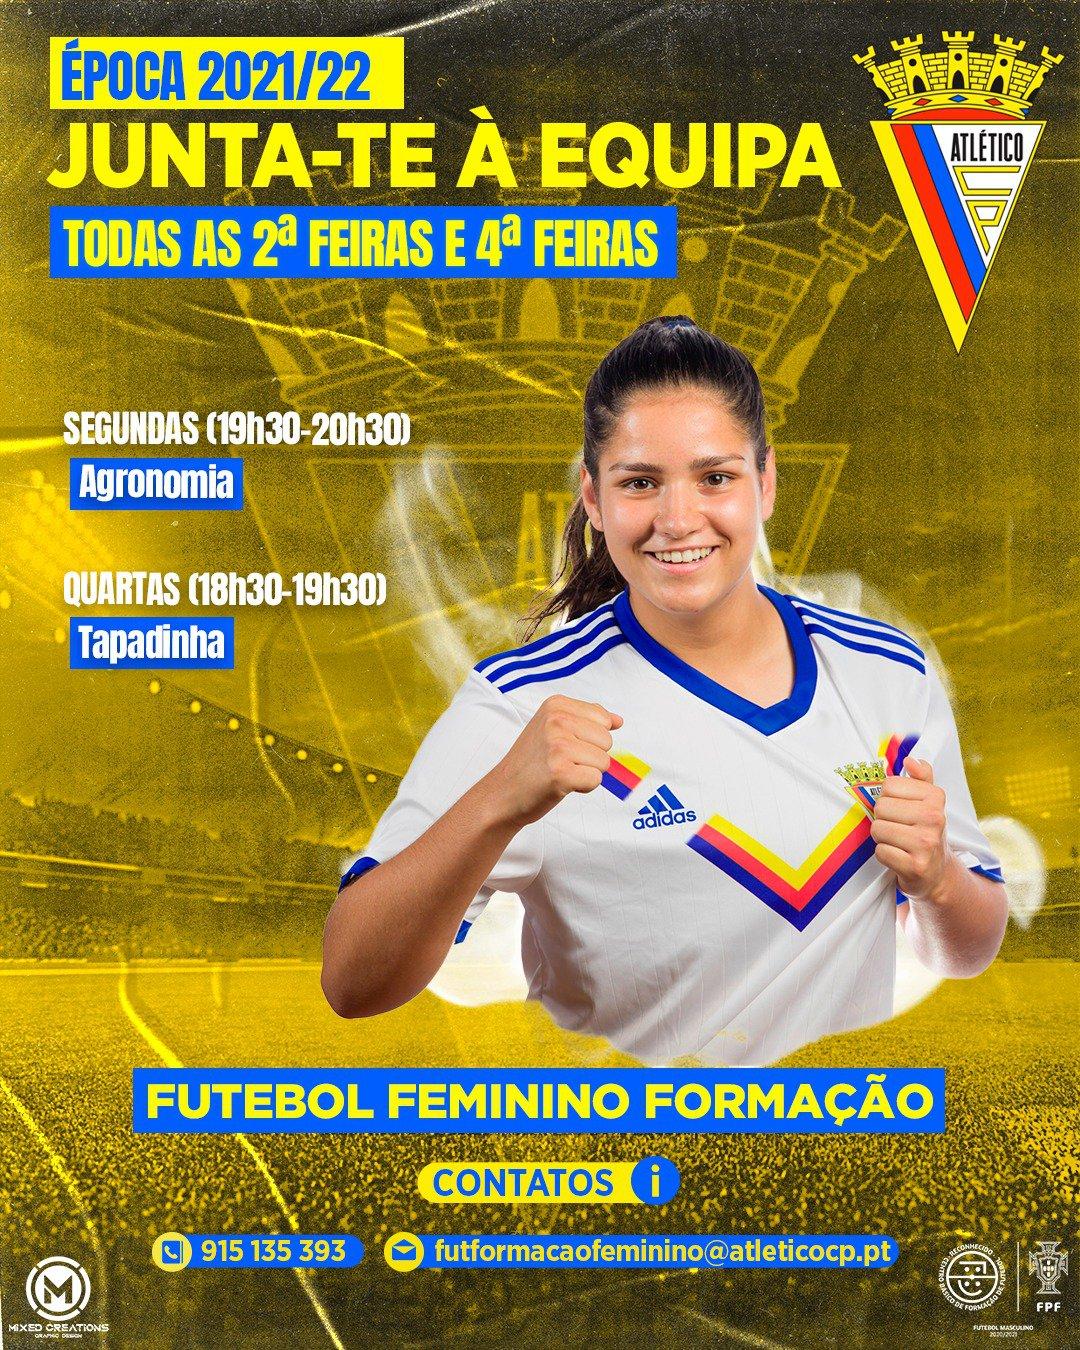 Futebol Feminino Formação